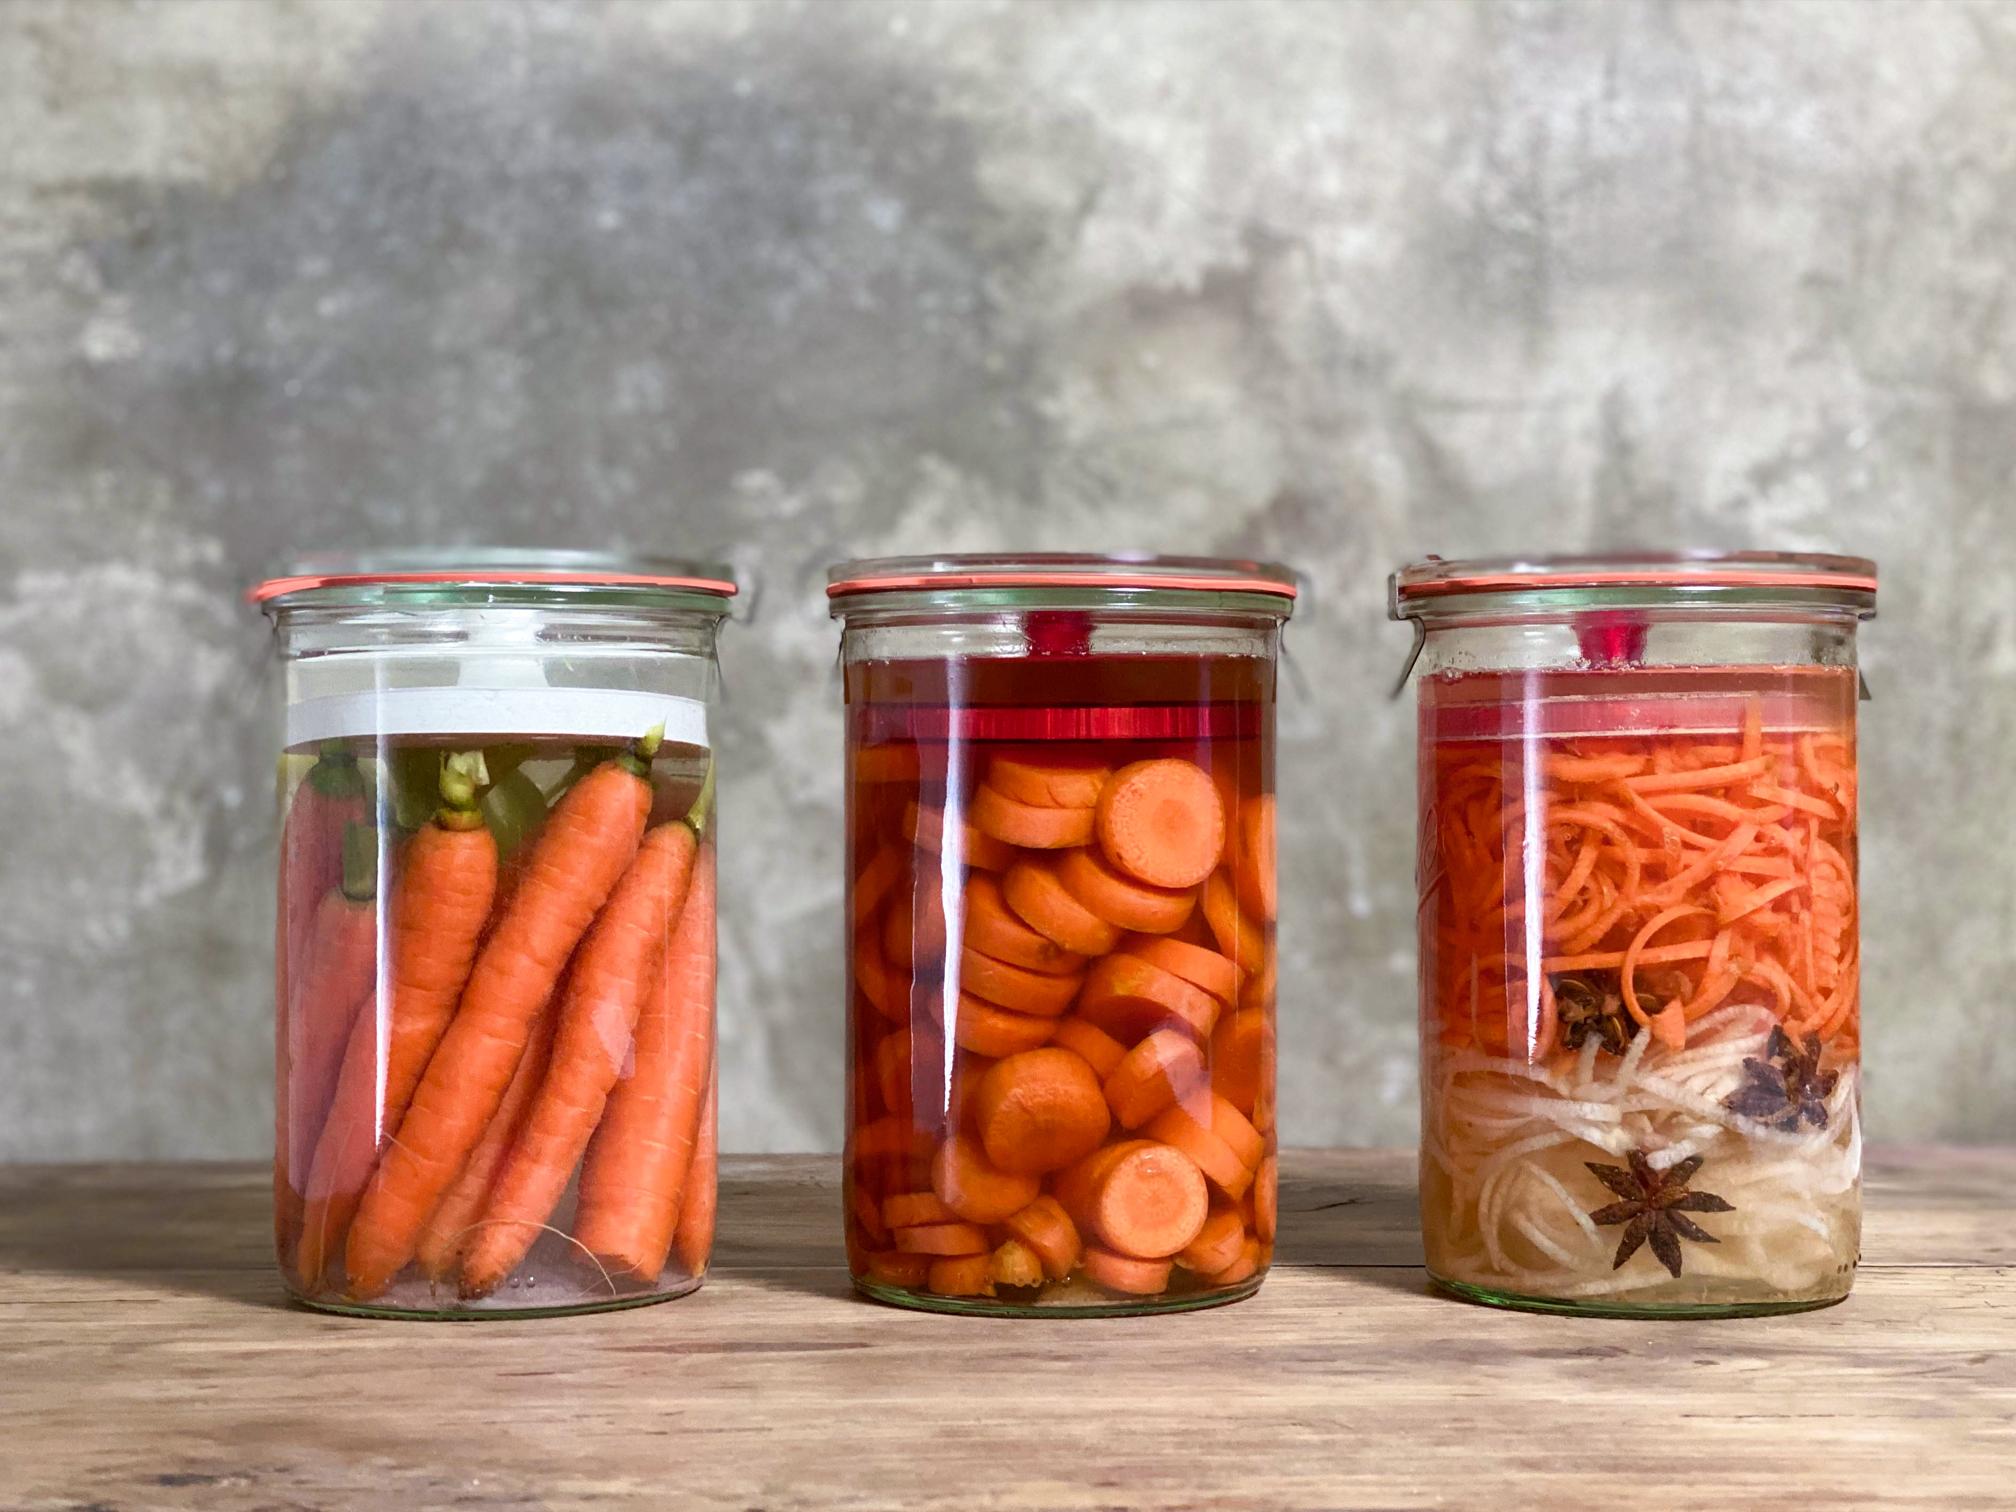 Fermentiere Karotten Möhren. Drei Variationen. Karotten im Ganzen fermentiert, Karottenscheiben in Gemüsebrühe mit Kurkuma fermentiert und Karotten-Bierrettich-Nudel mit Sternanis fermentiert.